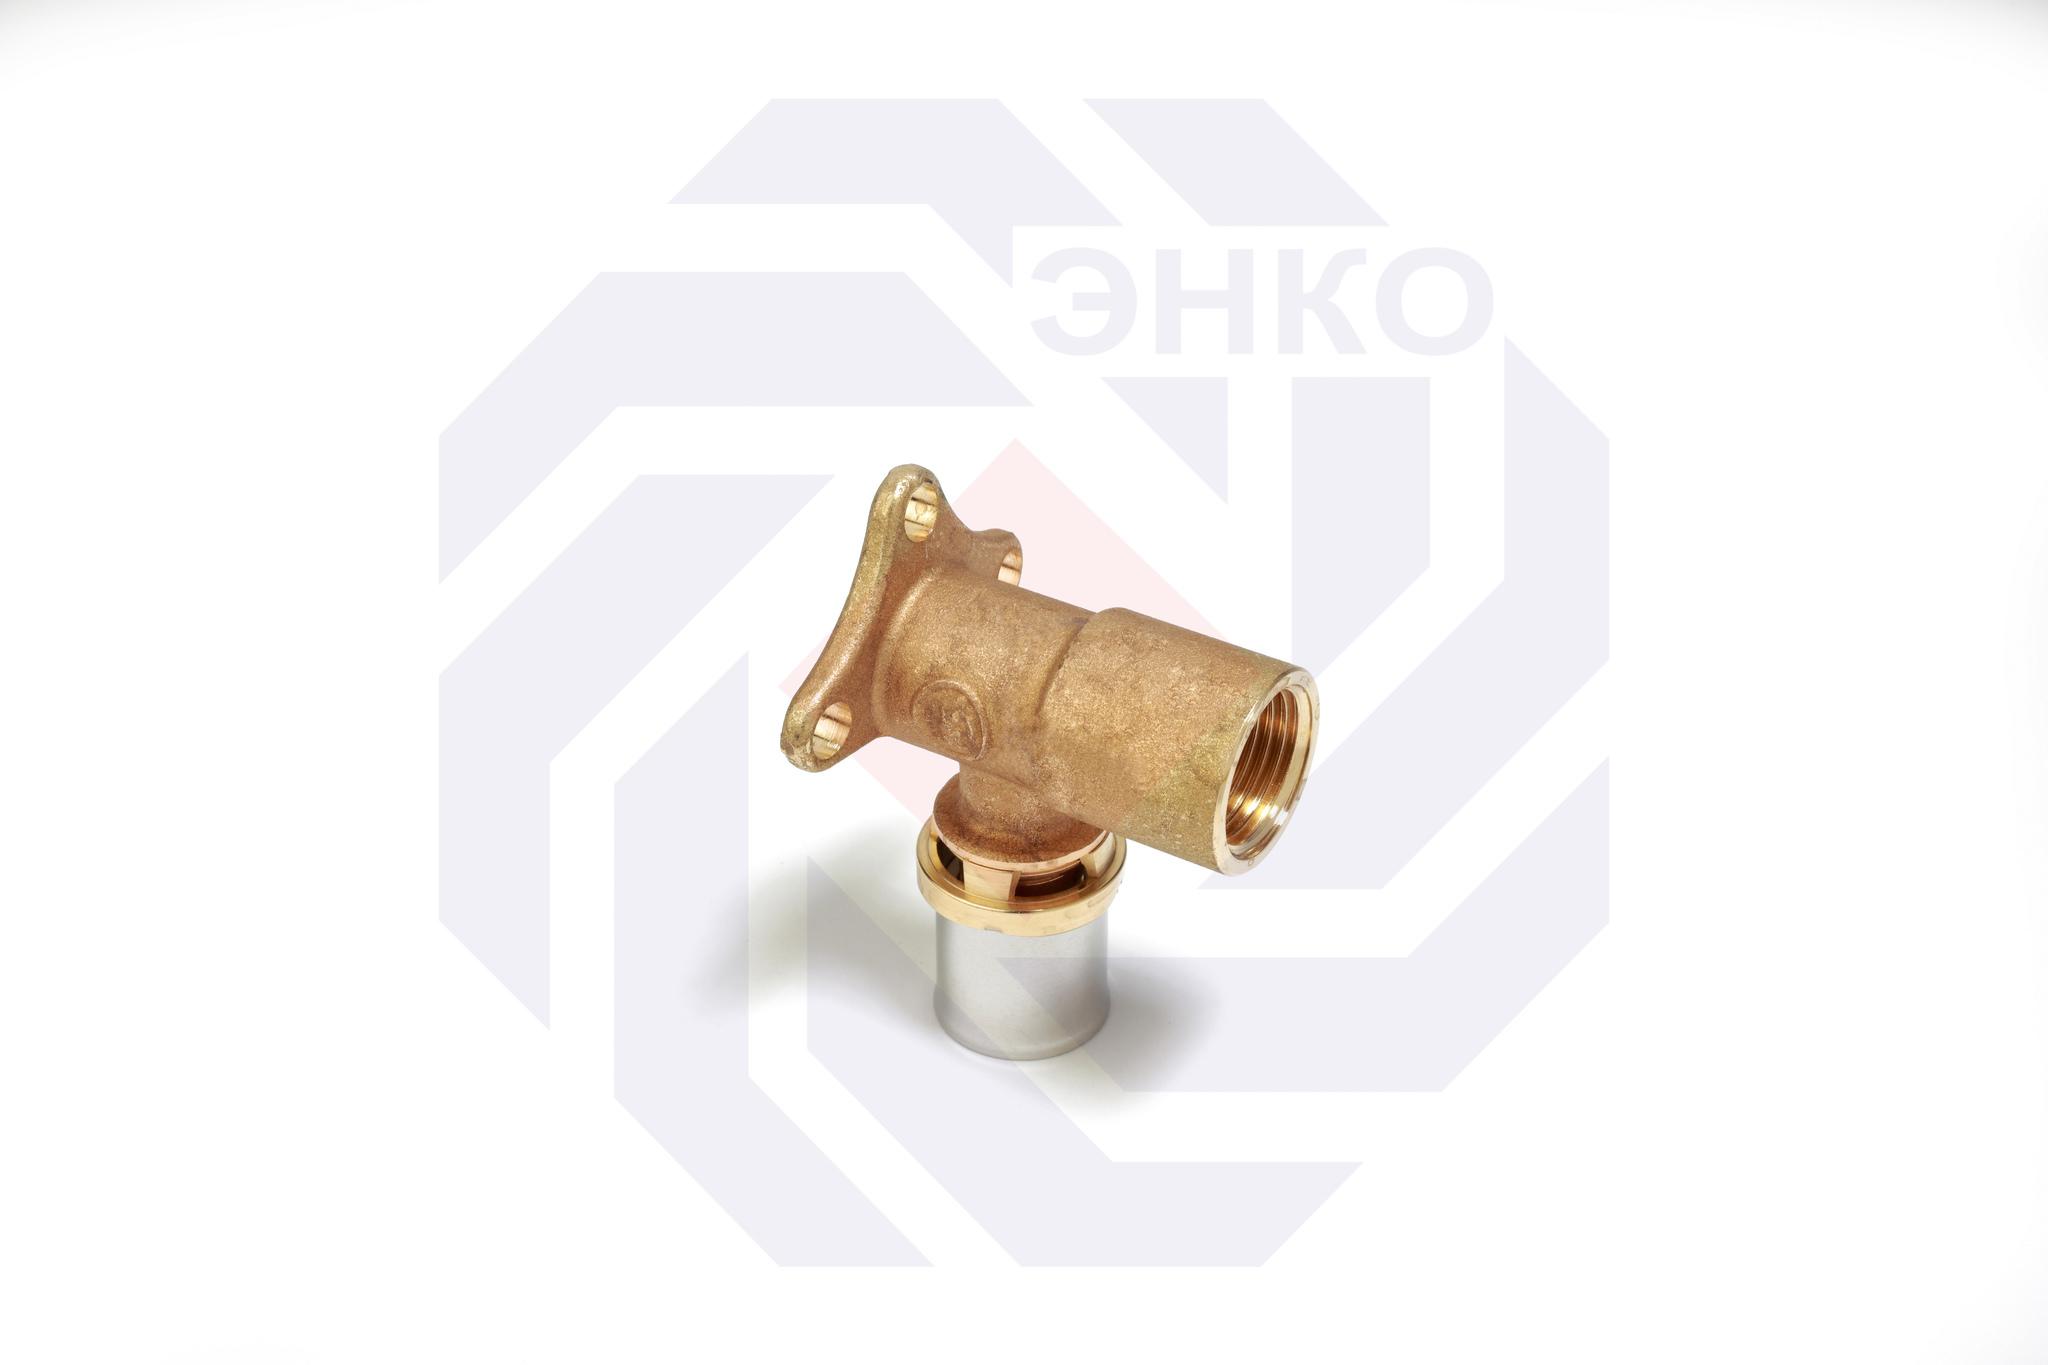 Пресс-фитинг отвод 90° ВР и креплением GIACOMINI RM 26⨯¾